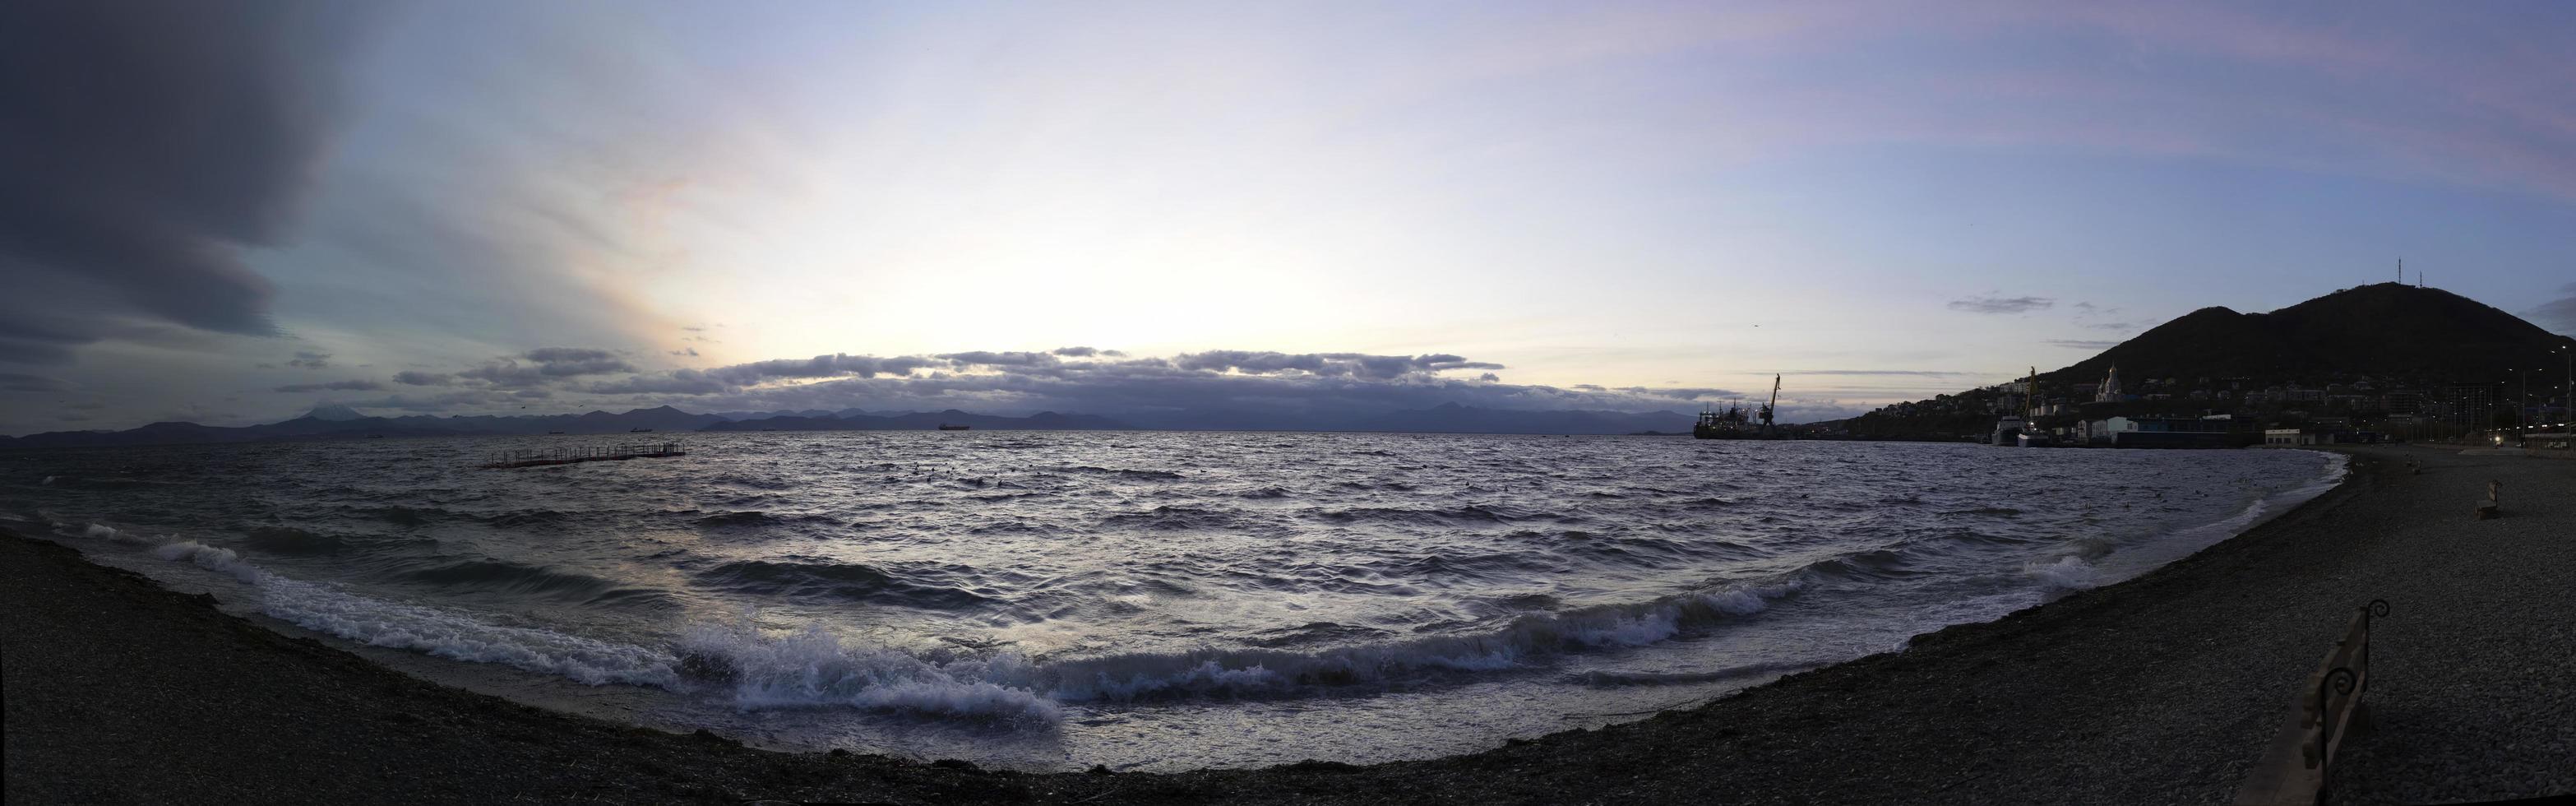 panorama del paesaggio di mare la sera sul lungomare della città foto